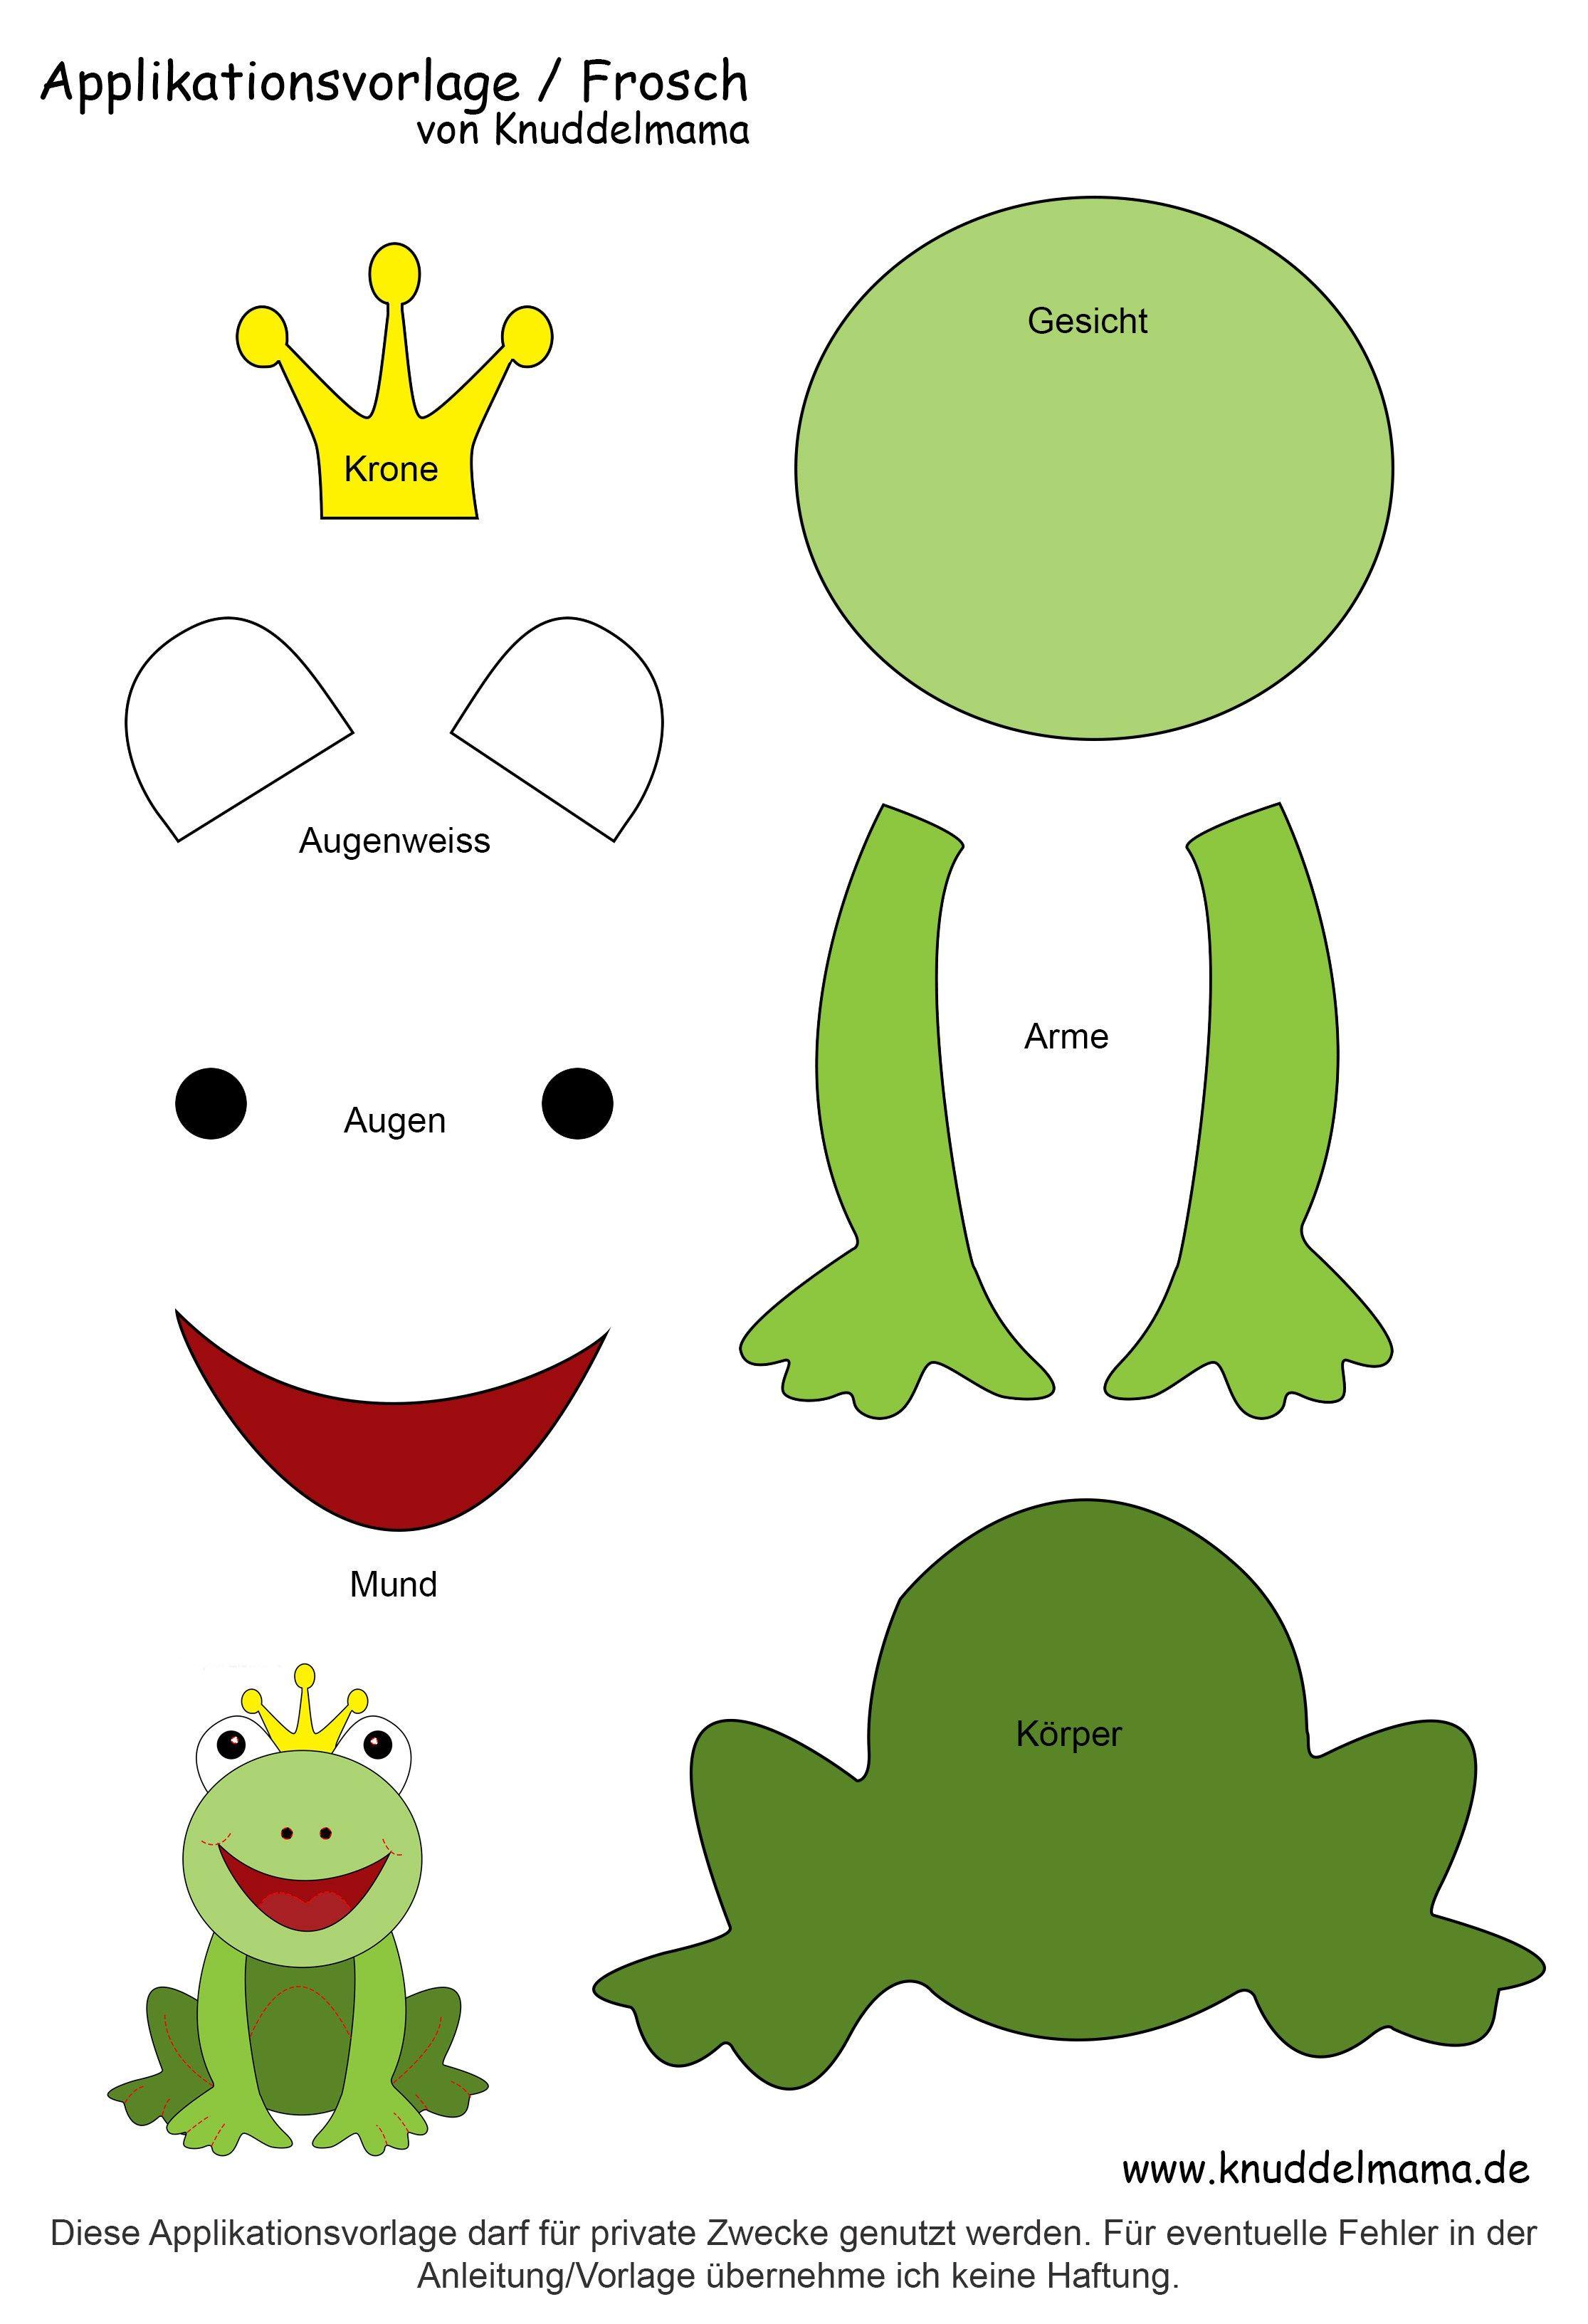 Froschvorlage Jpg 2231 3265 Applikation Vorlagen Applikationsvorlage Frosch Basteln